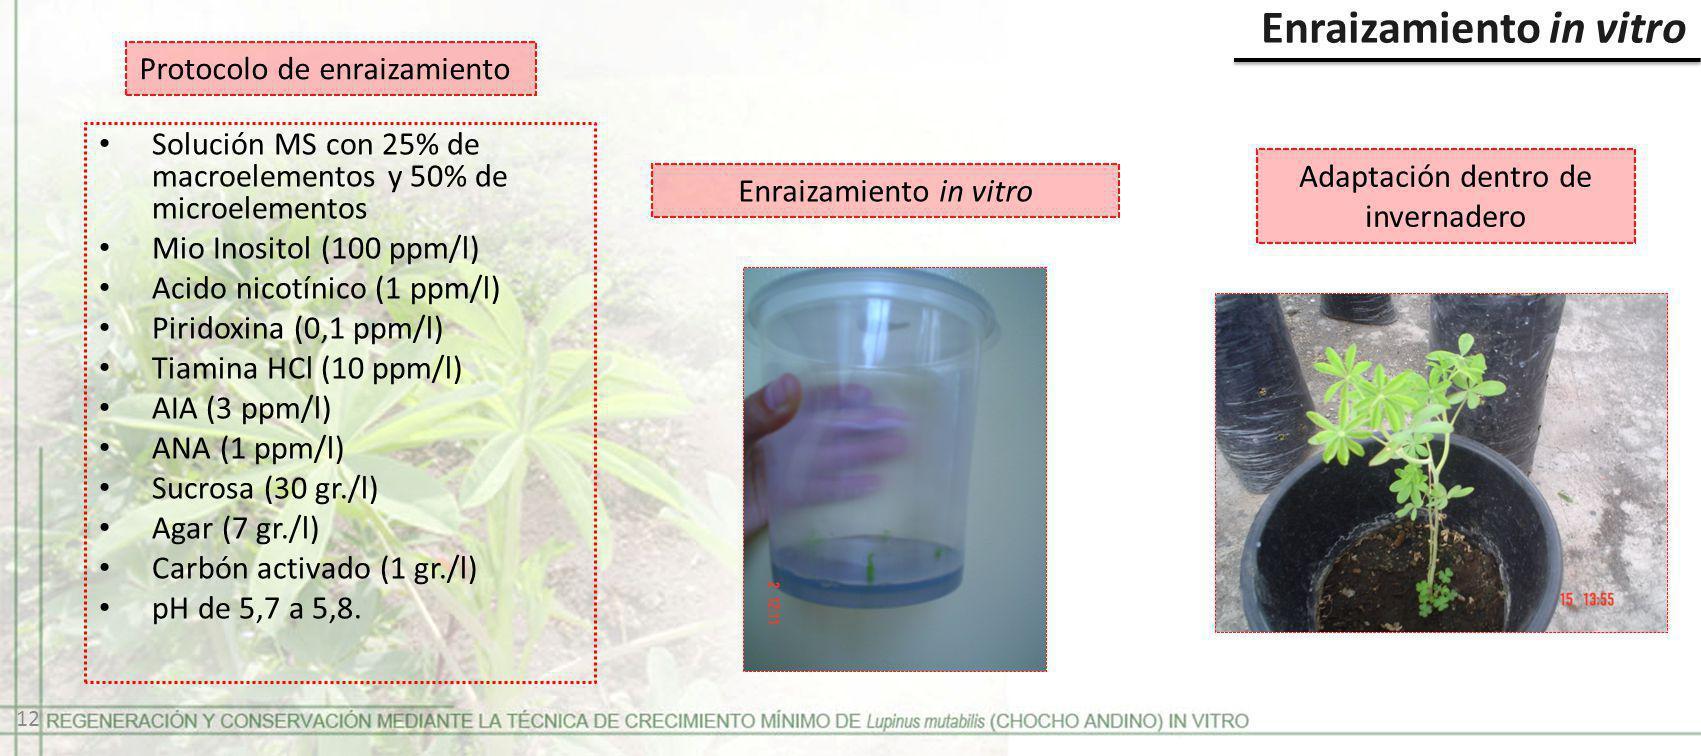 Enraizamiento in vitro Protocolo de enraizamiento Solución MS con 25% de macroelementos y 50% de microelementos Mio Inositol (100 ppm/l) Acido nicotín